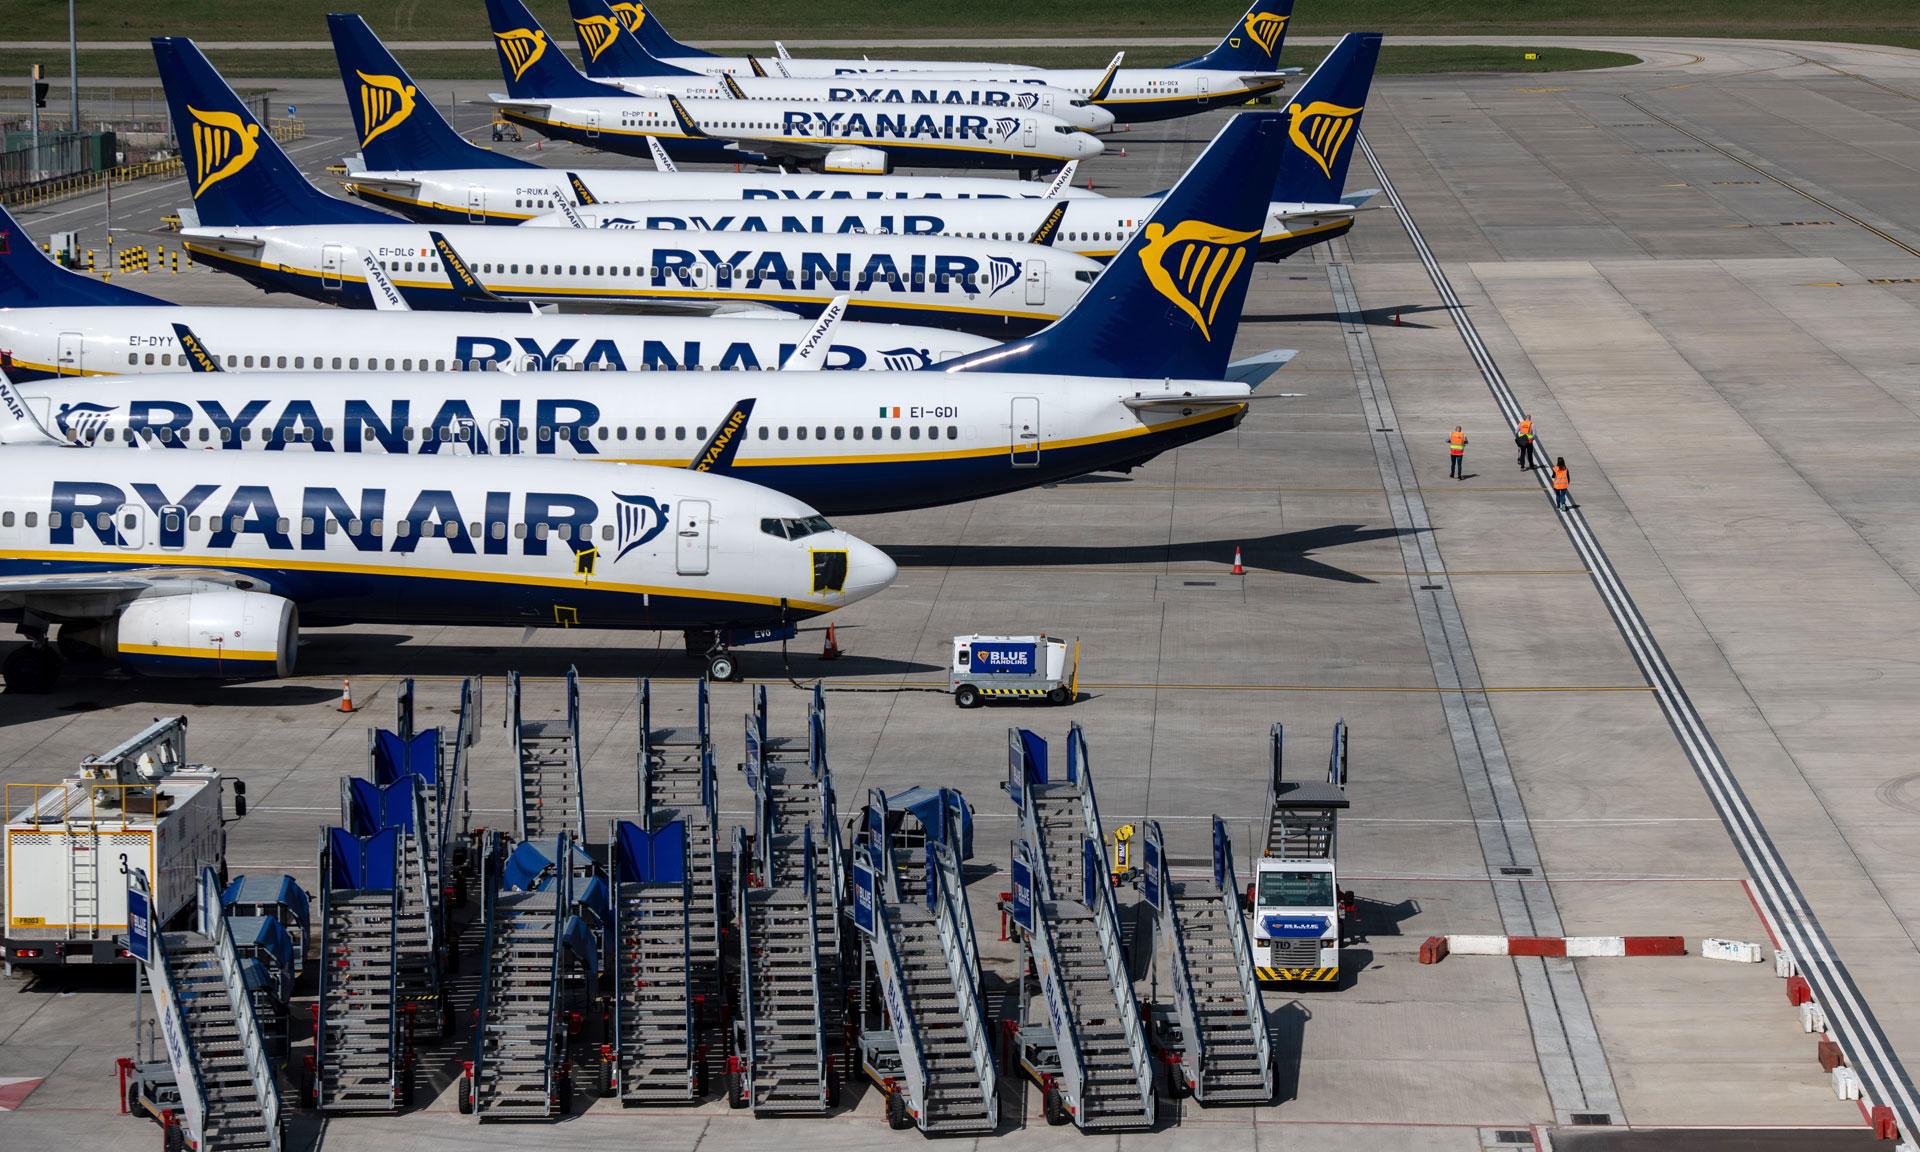 Η Ryanair ανακοίνωσε εκπτώσεις σε 9 προορισμούς (για λίγες μόνο ώρες)